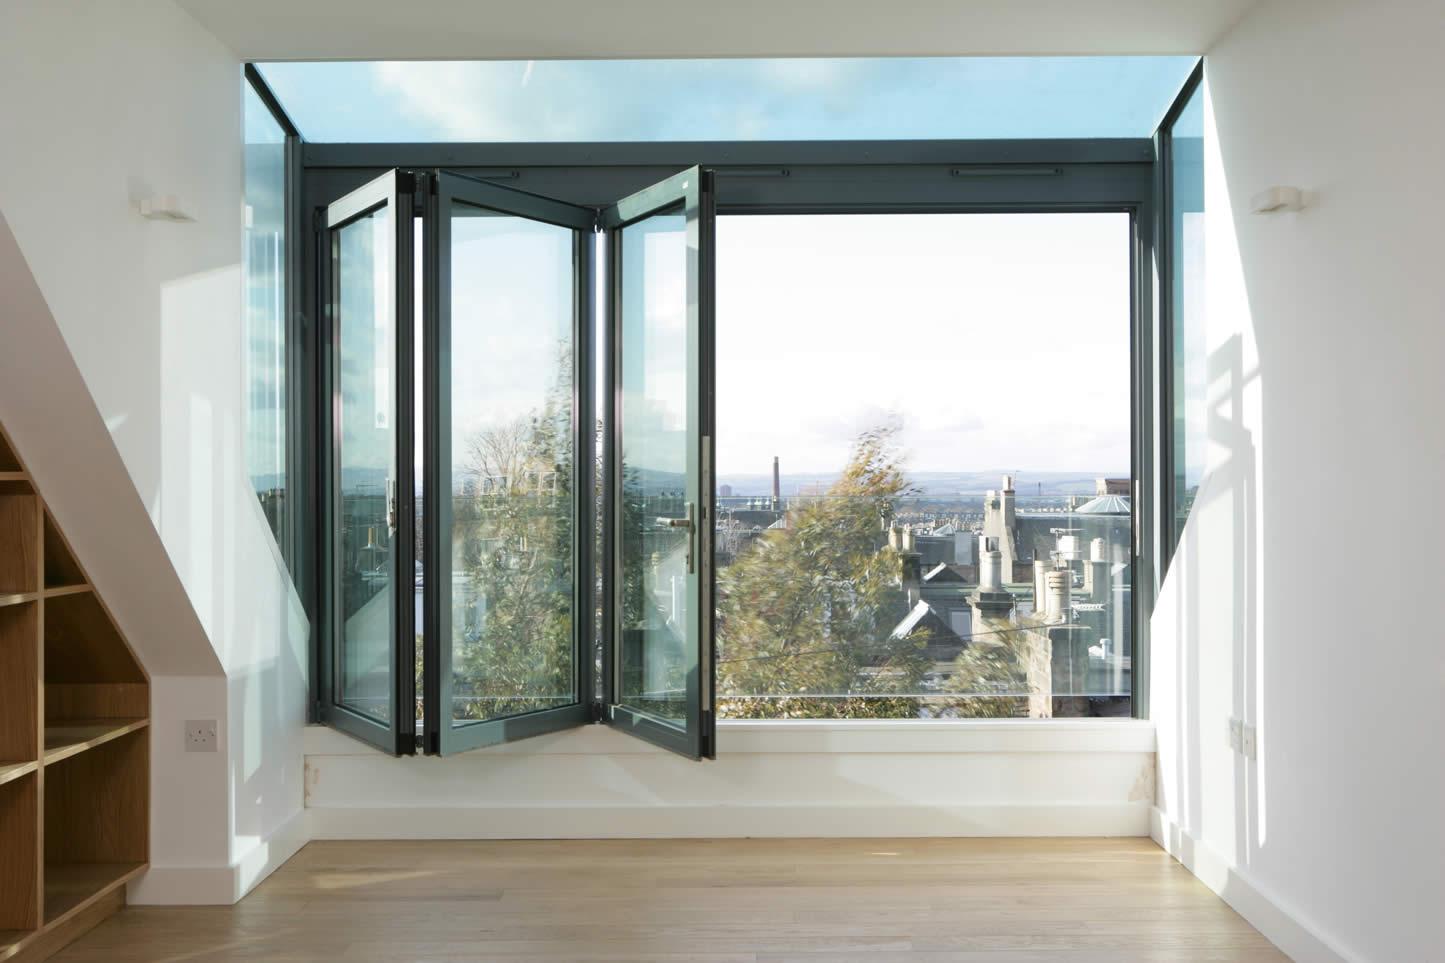 Desain Jendela Rumah Minimalis Modern Terbaru 2018